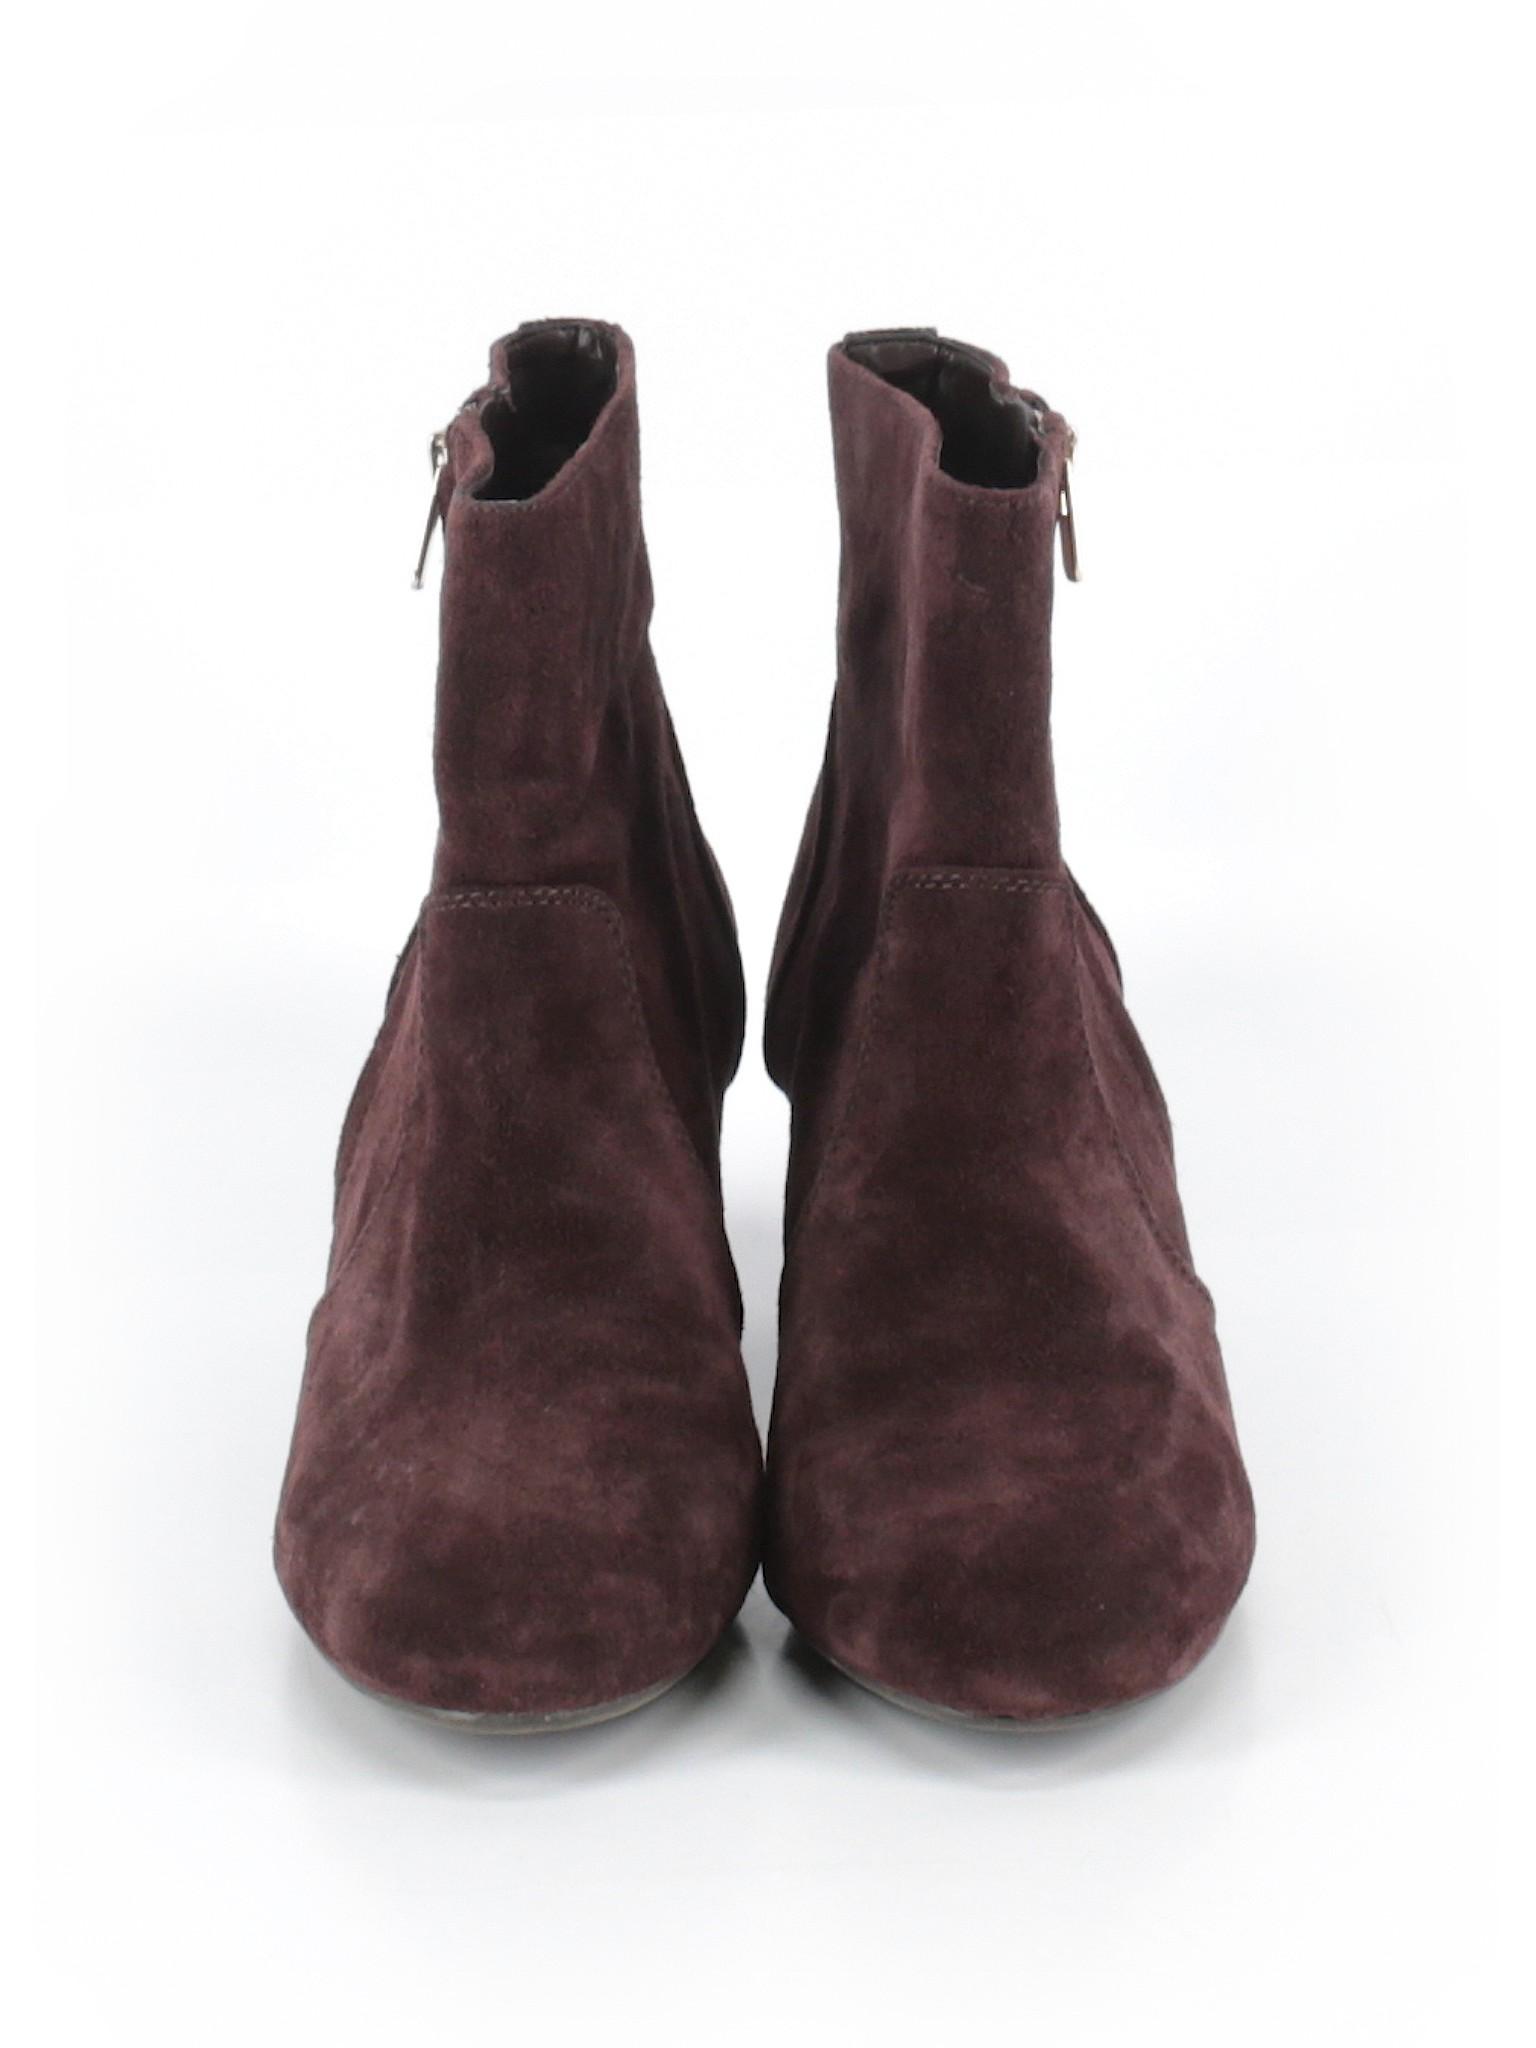 Boots Antonio promotion Melani Boutique Ankle vaOwnxPq